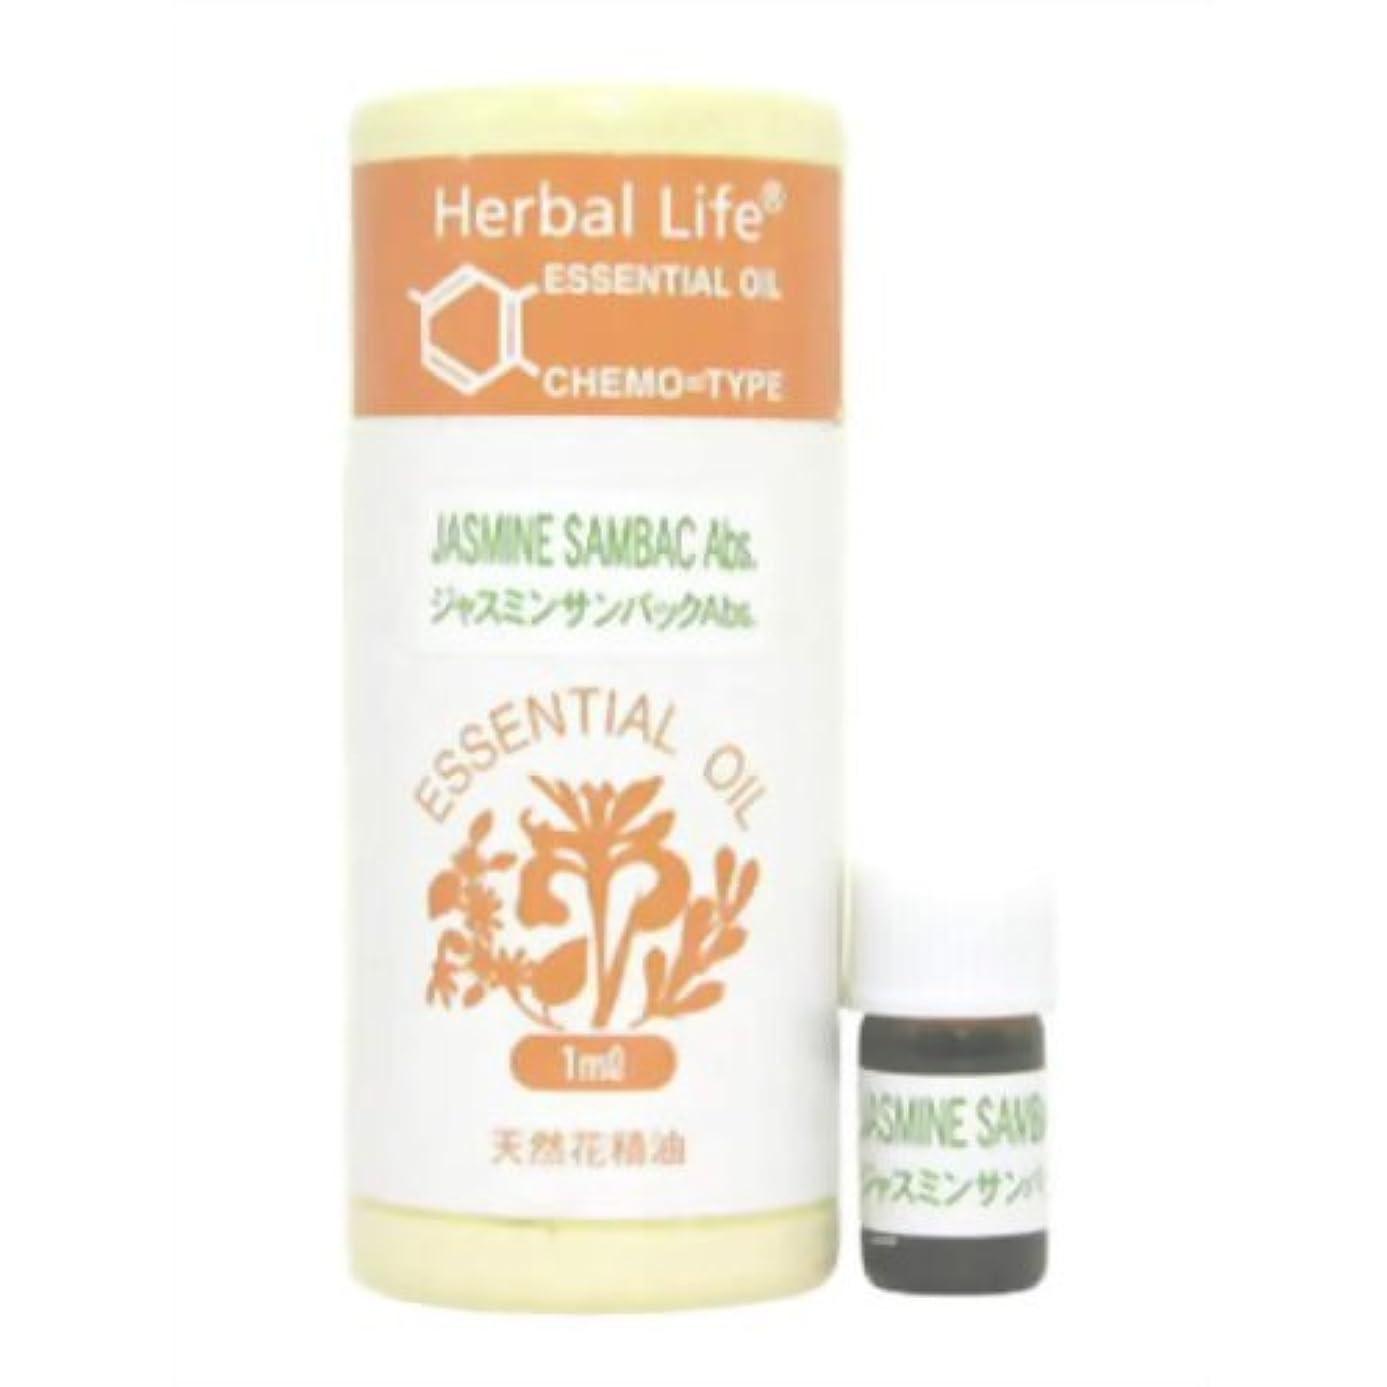 マイル一肉Herbal Life ジャスミンサンバックAbs 1ml